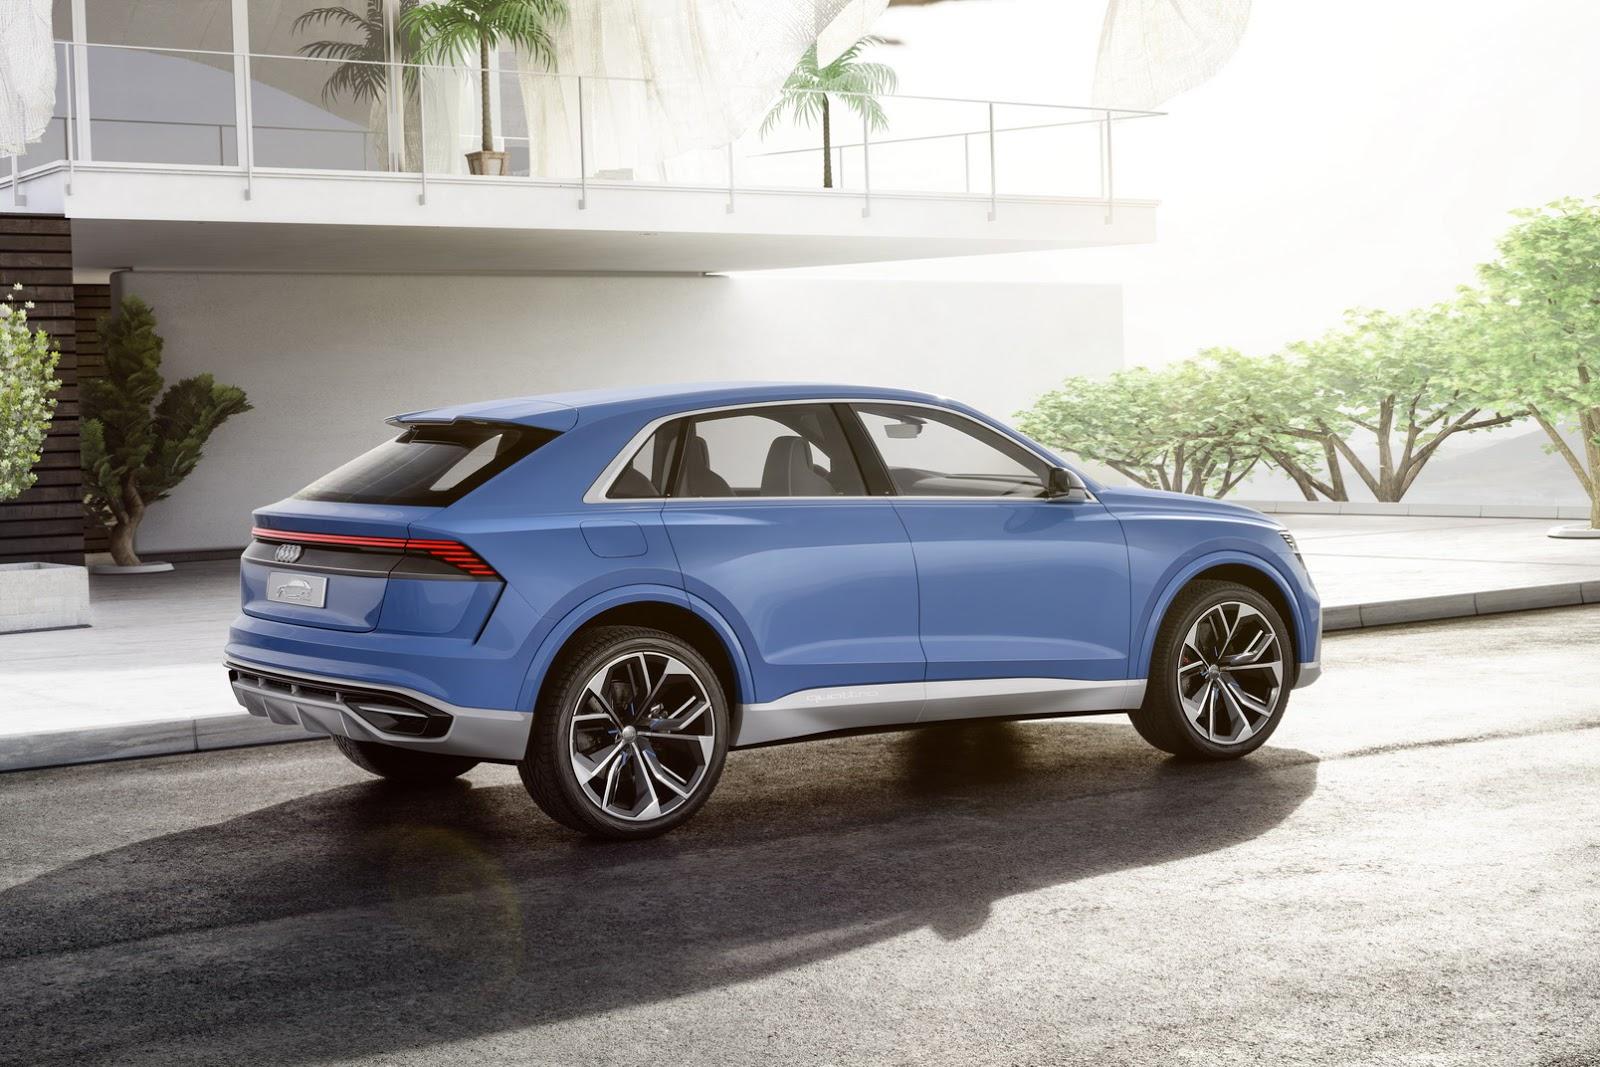 Audi_Q8_concept_08